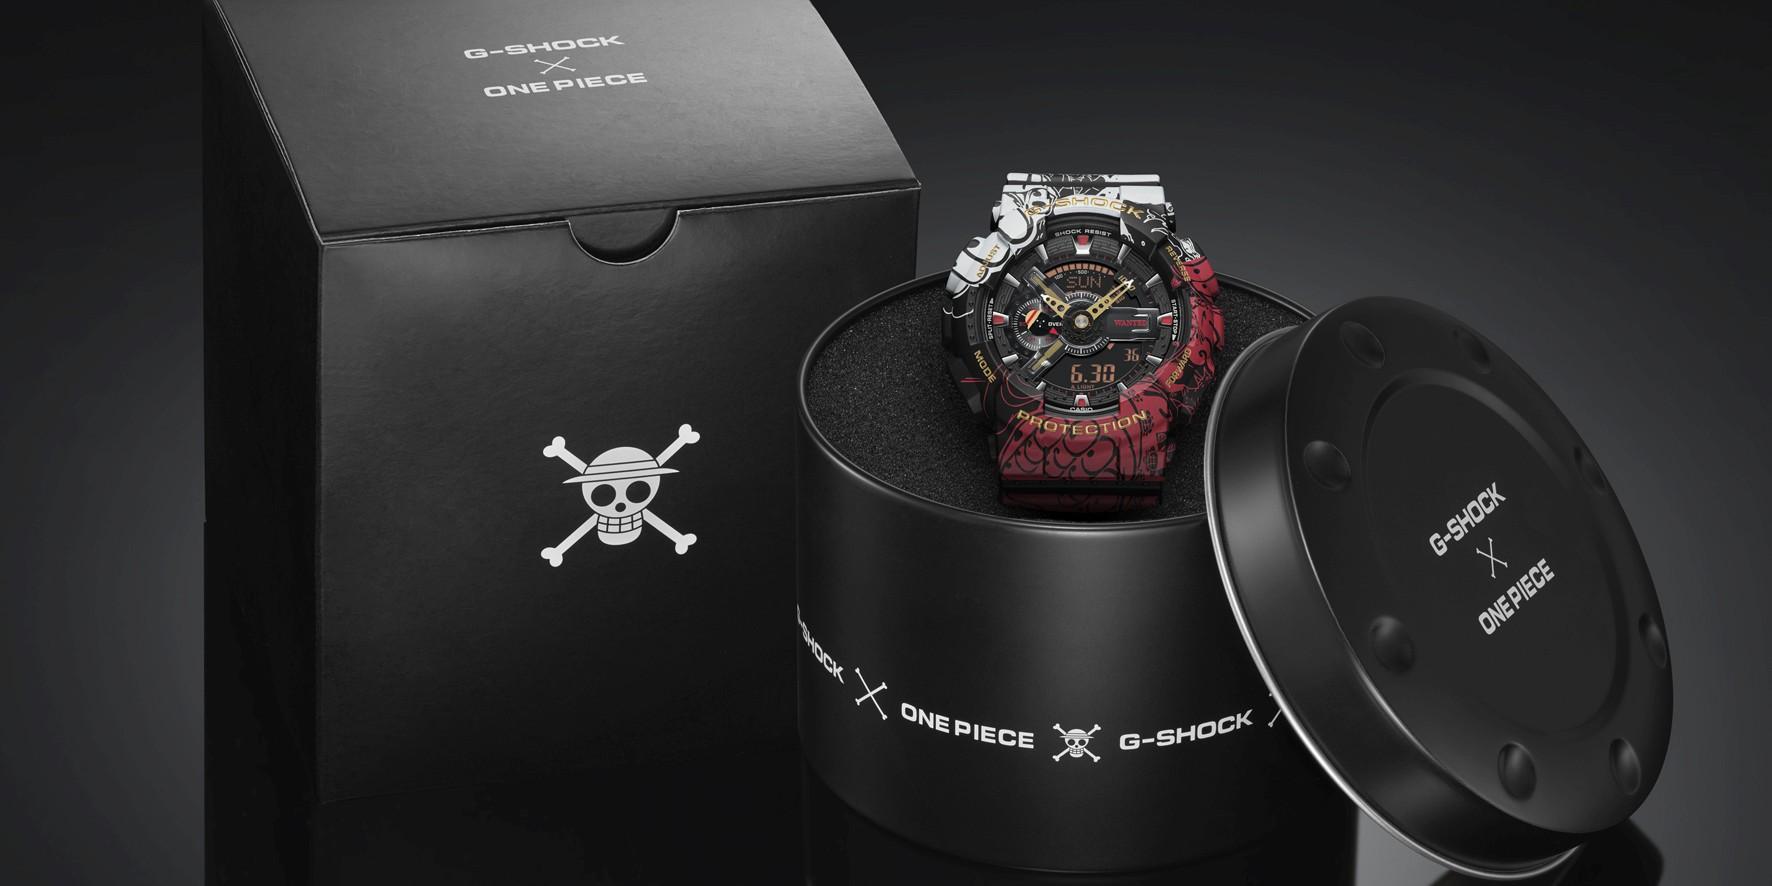 CASIO 推出 G-SHOCK「航海王ONE PIECE」聯名錶款